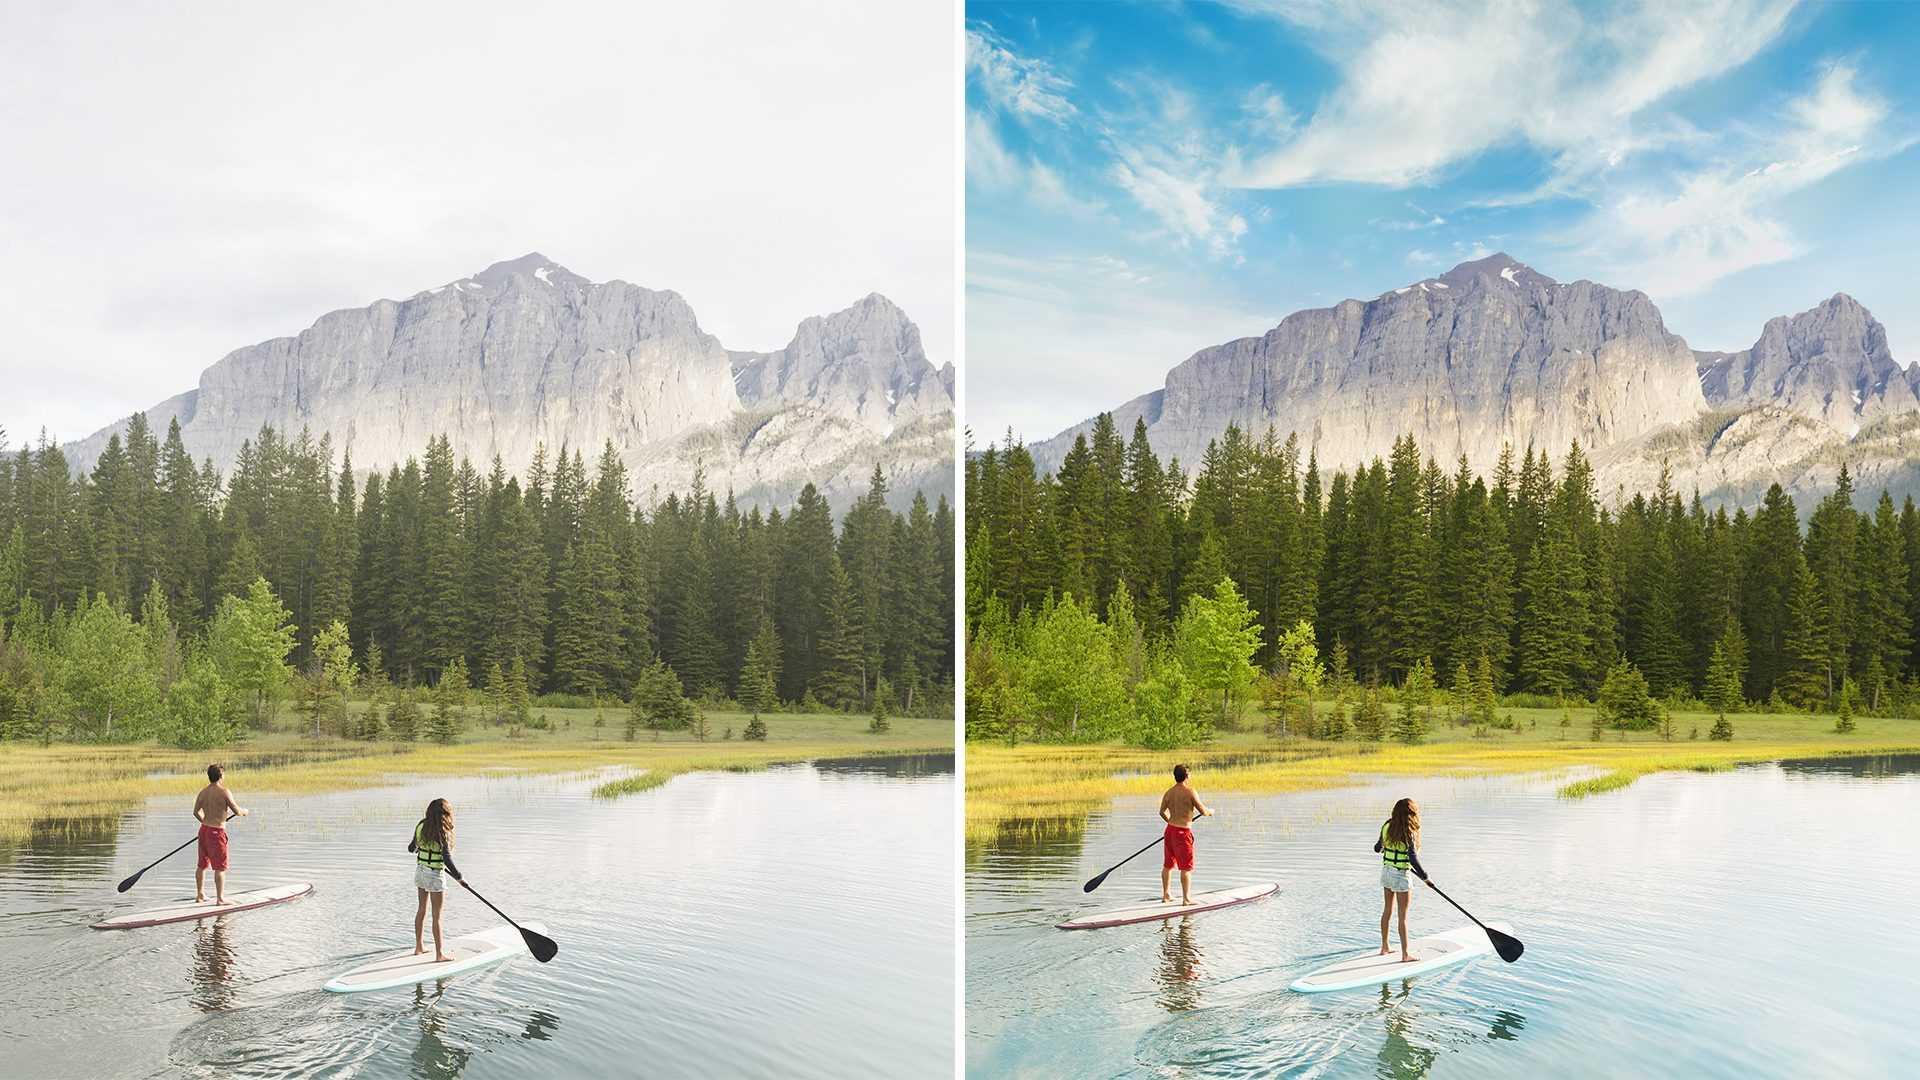 Adobe Photoshop и Premiere Elements 2021 предоставляют новые инструменты для публикации и простые эффекты